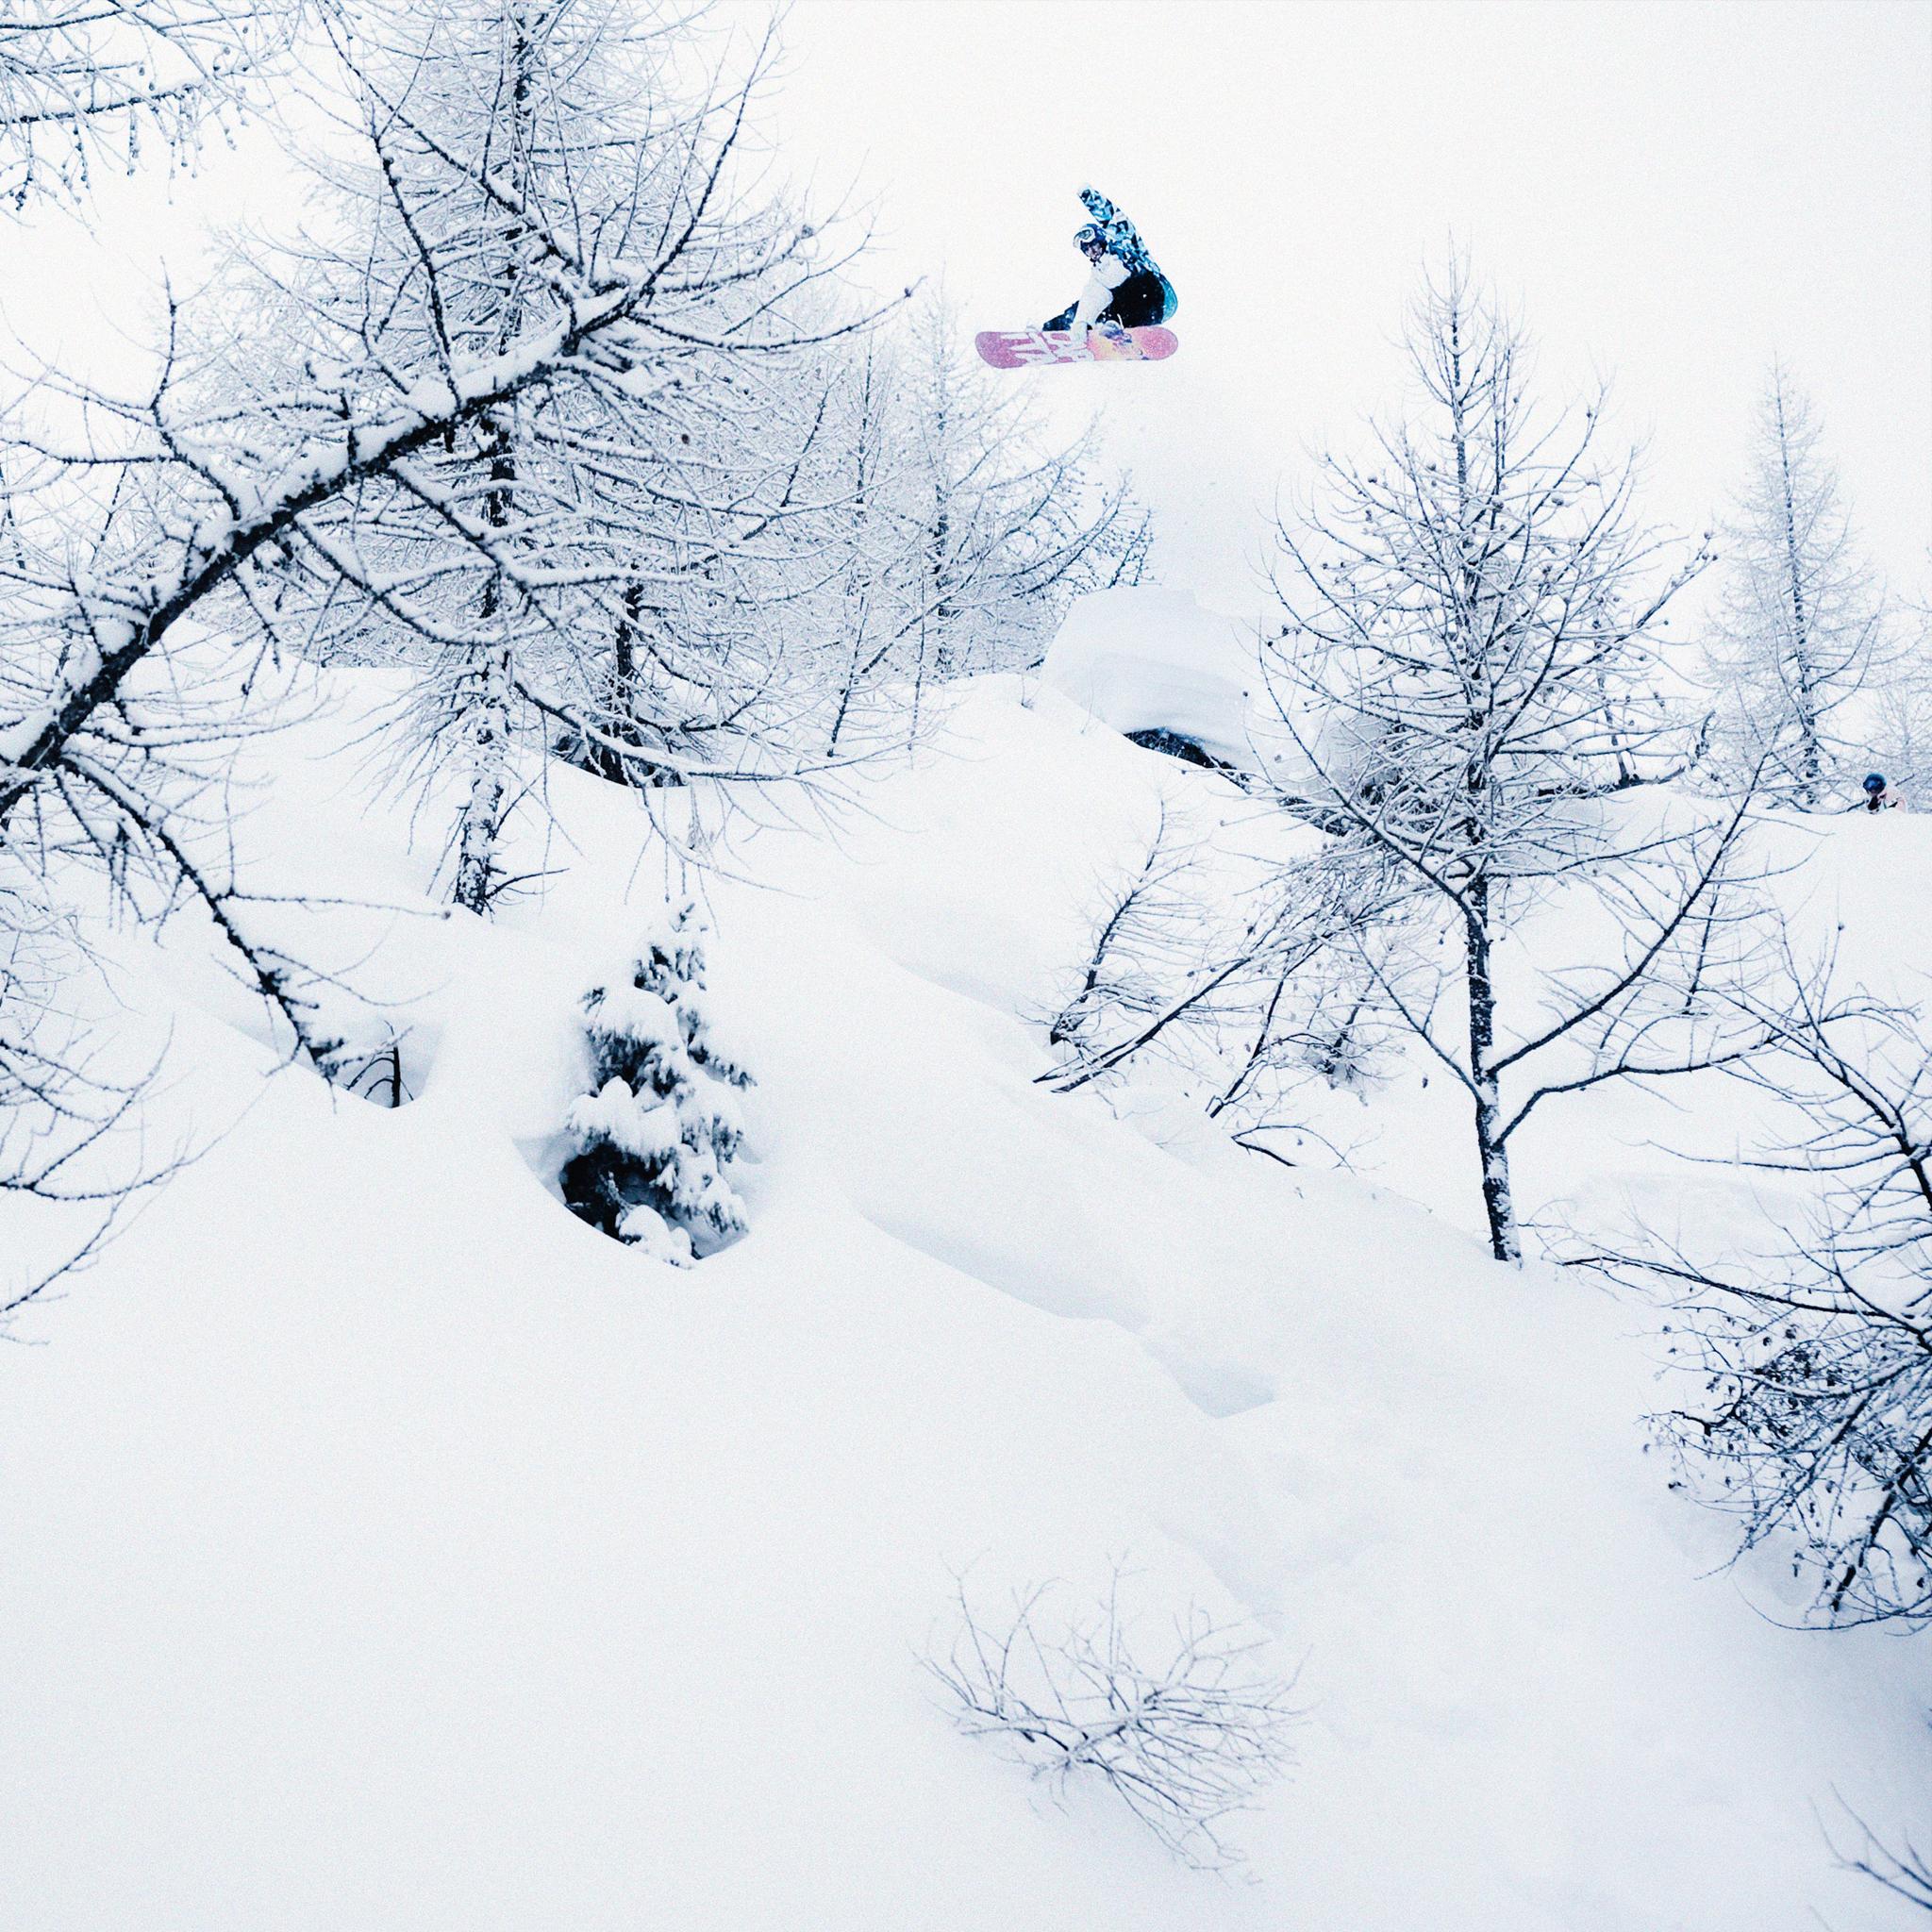 Rene_Schnoler_Snowboard_3_Wallpapers_iPad